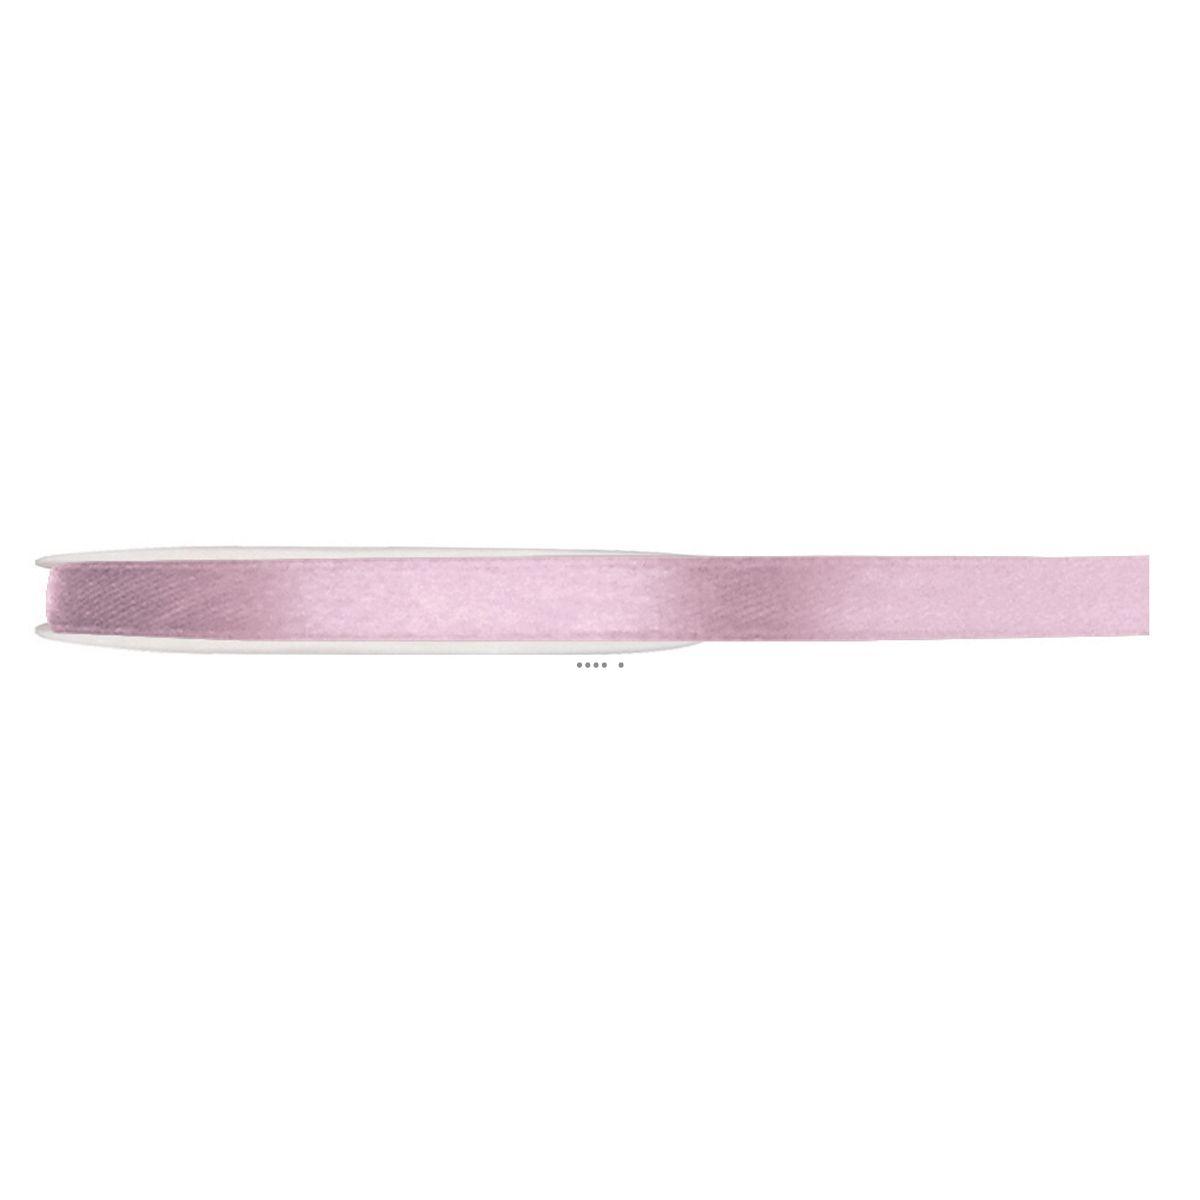 Ruban Tout Satin Rose 6 mm bobine de 25 m - choisissez votre couleur: ROSE